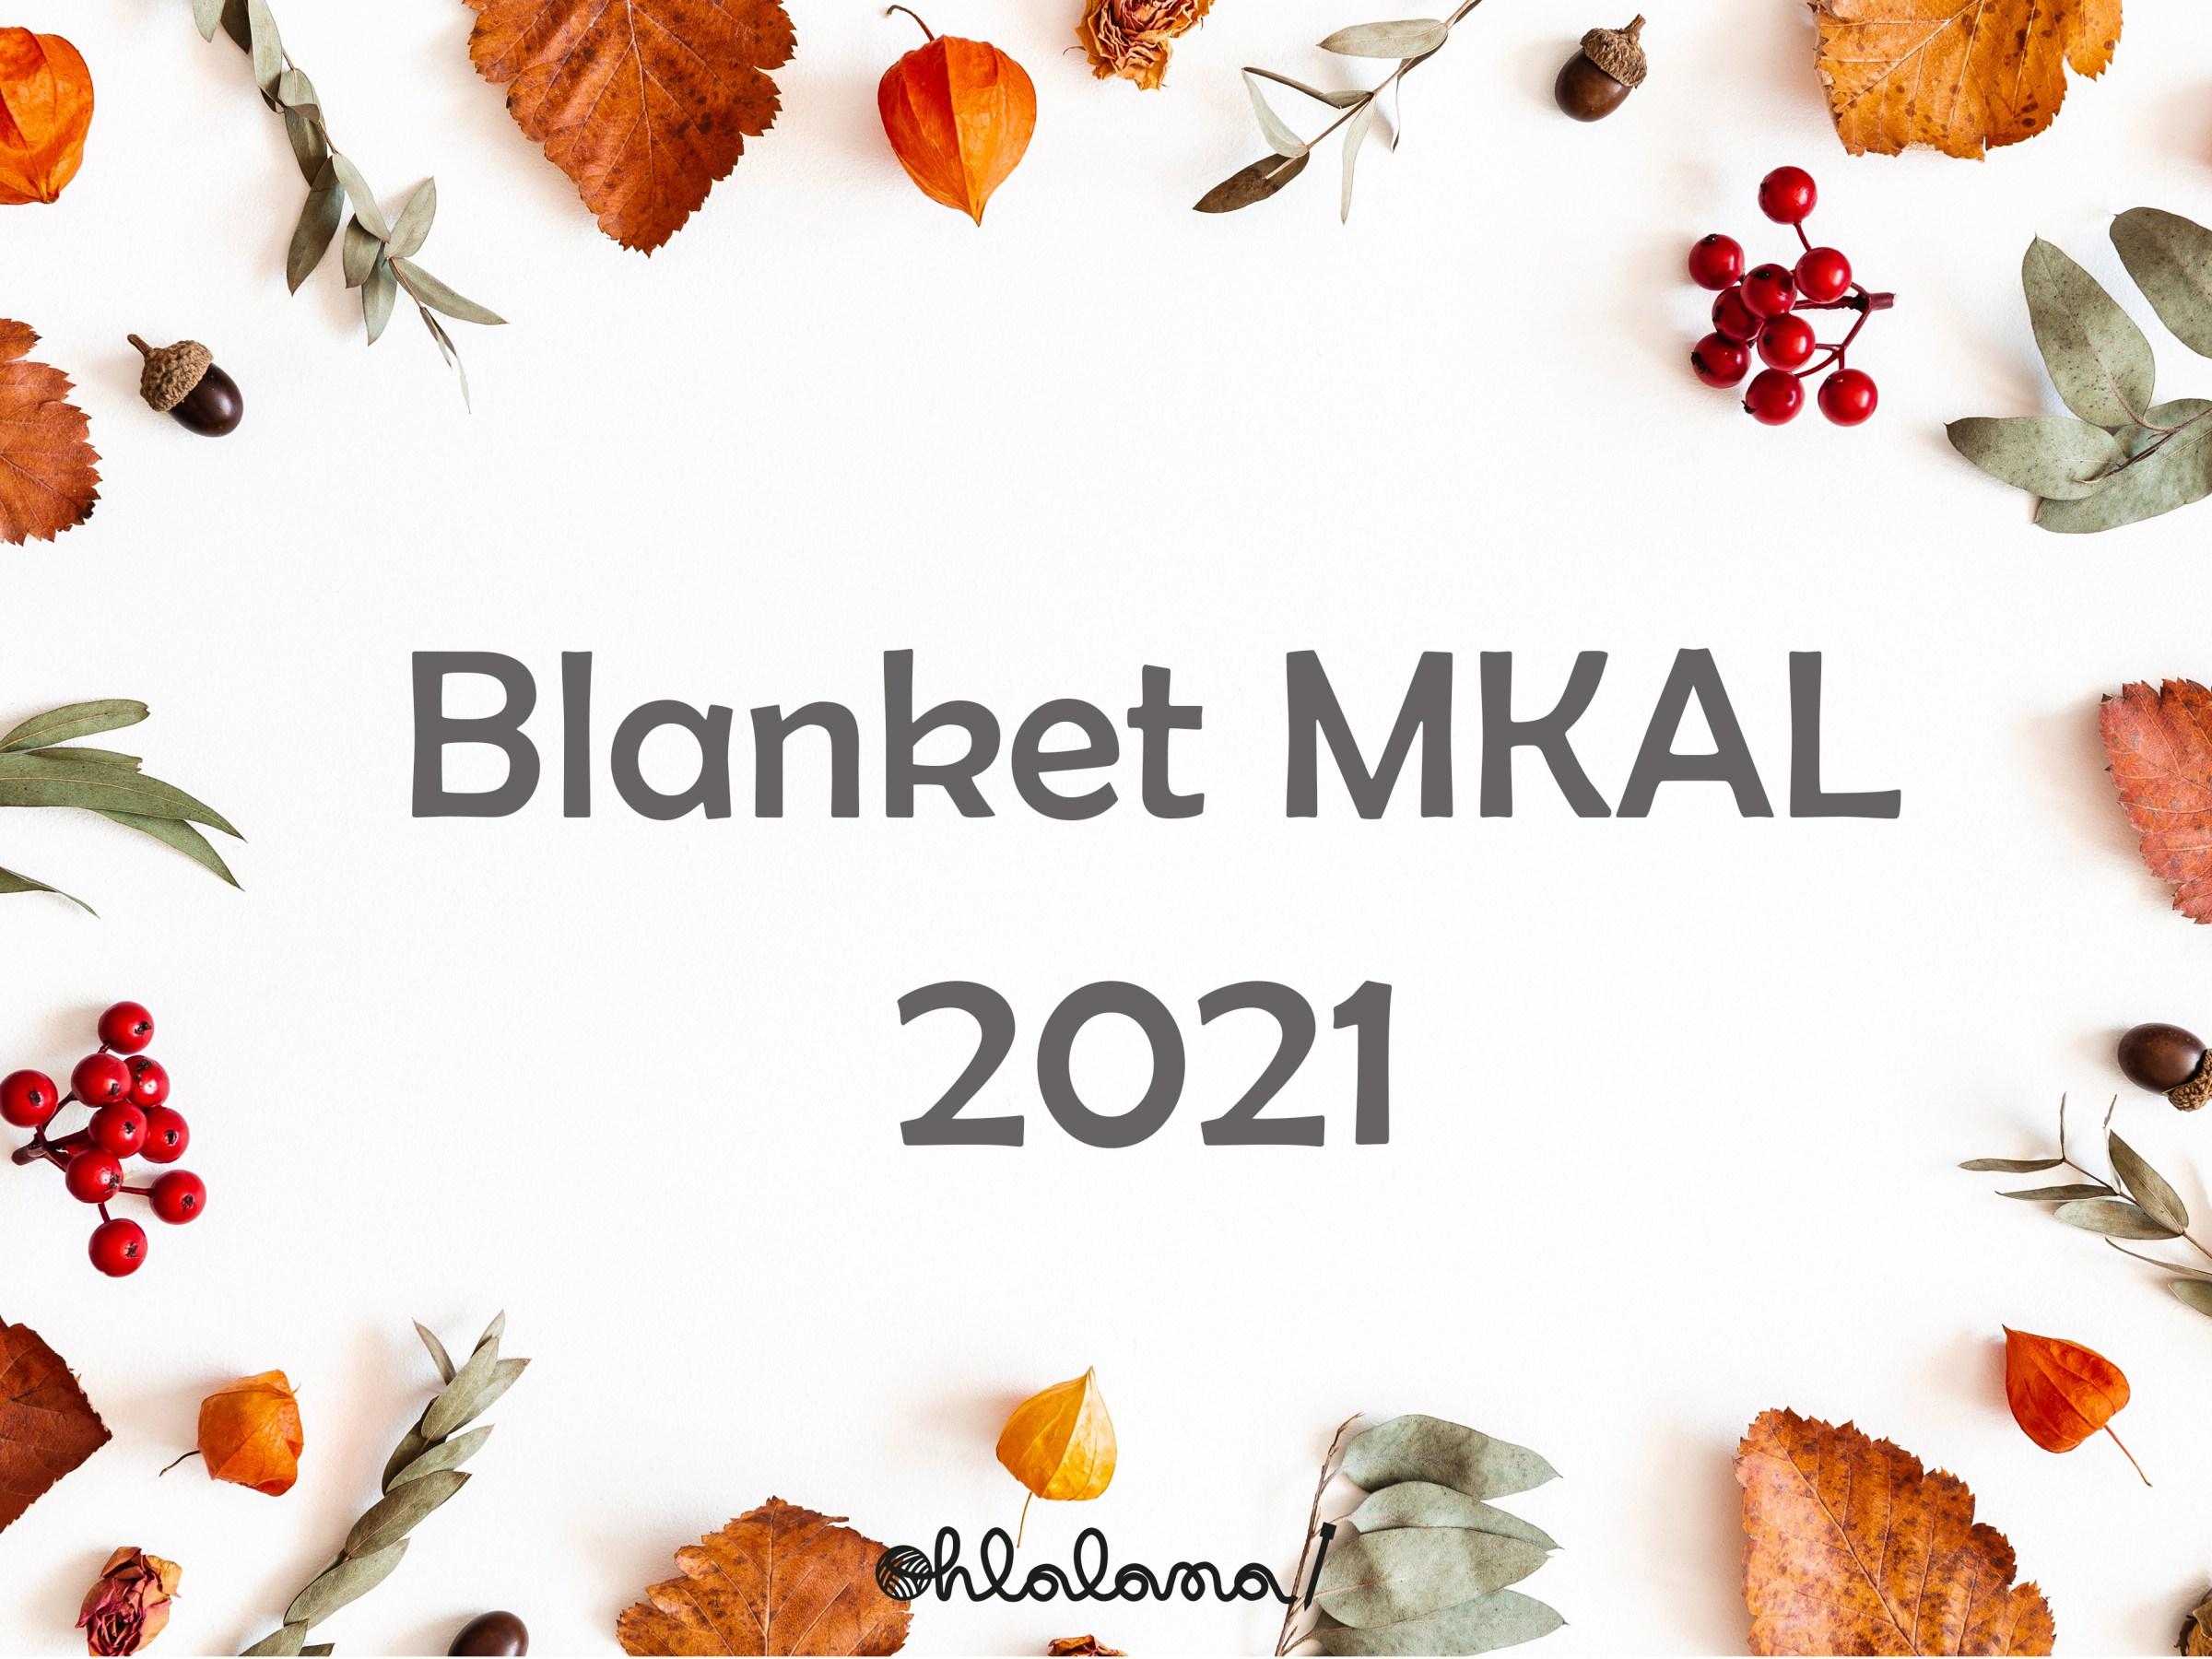 Blanket MKAL 2021, mystery blanket KAL 2021, free blanket 2021, ohlalana